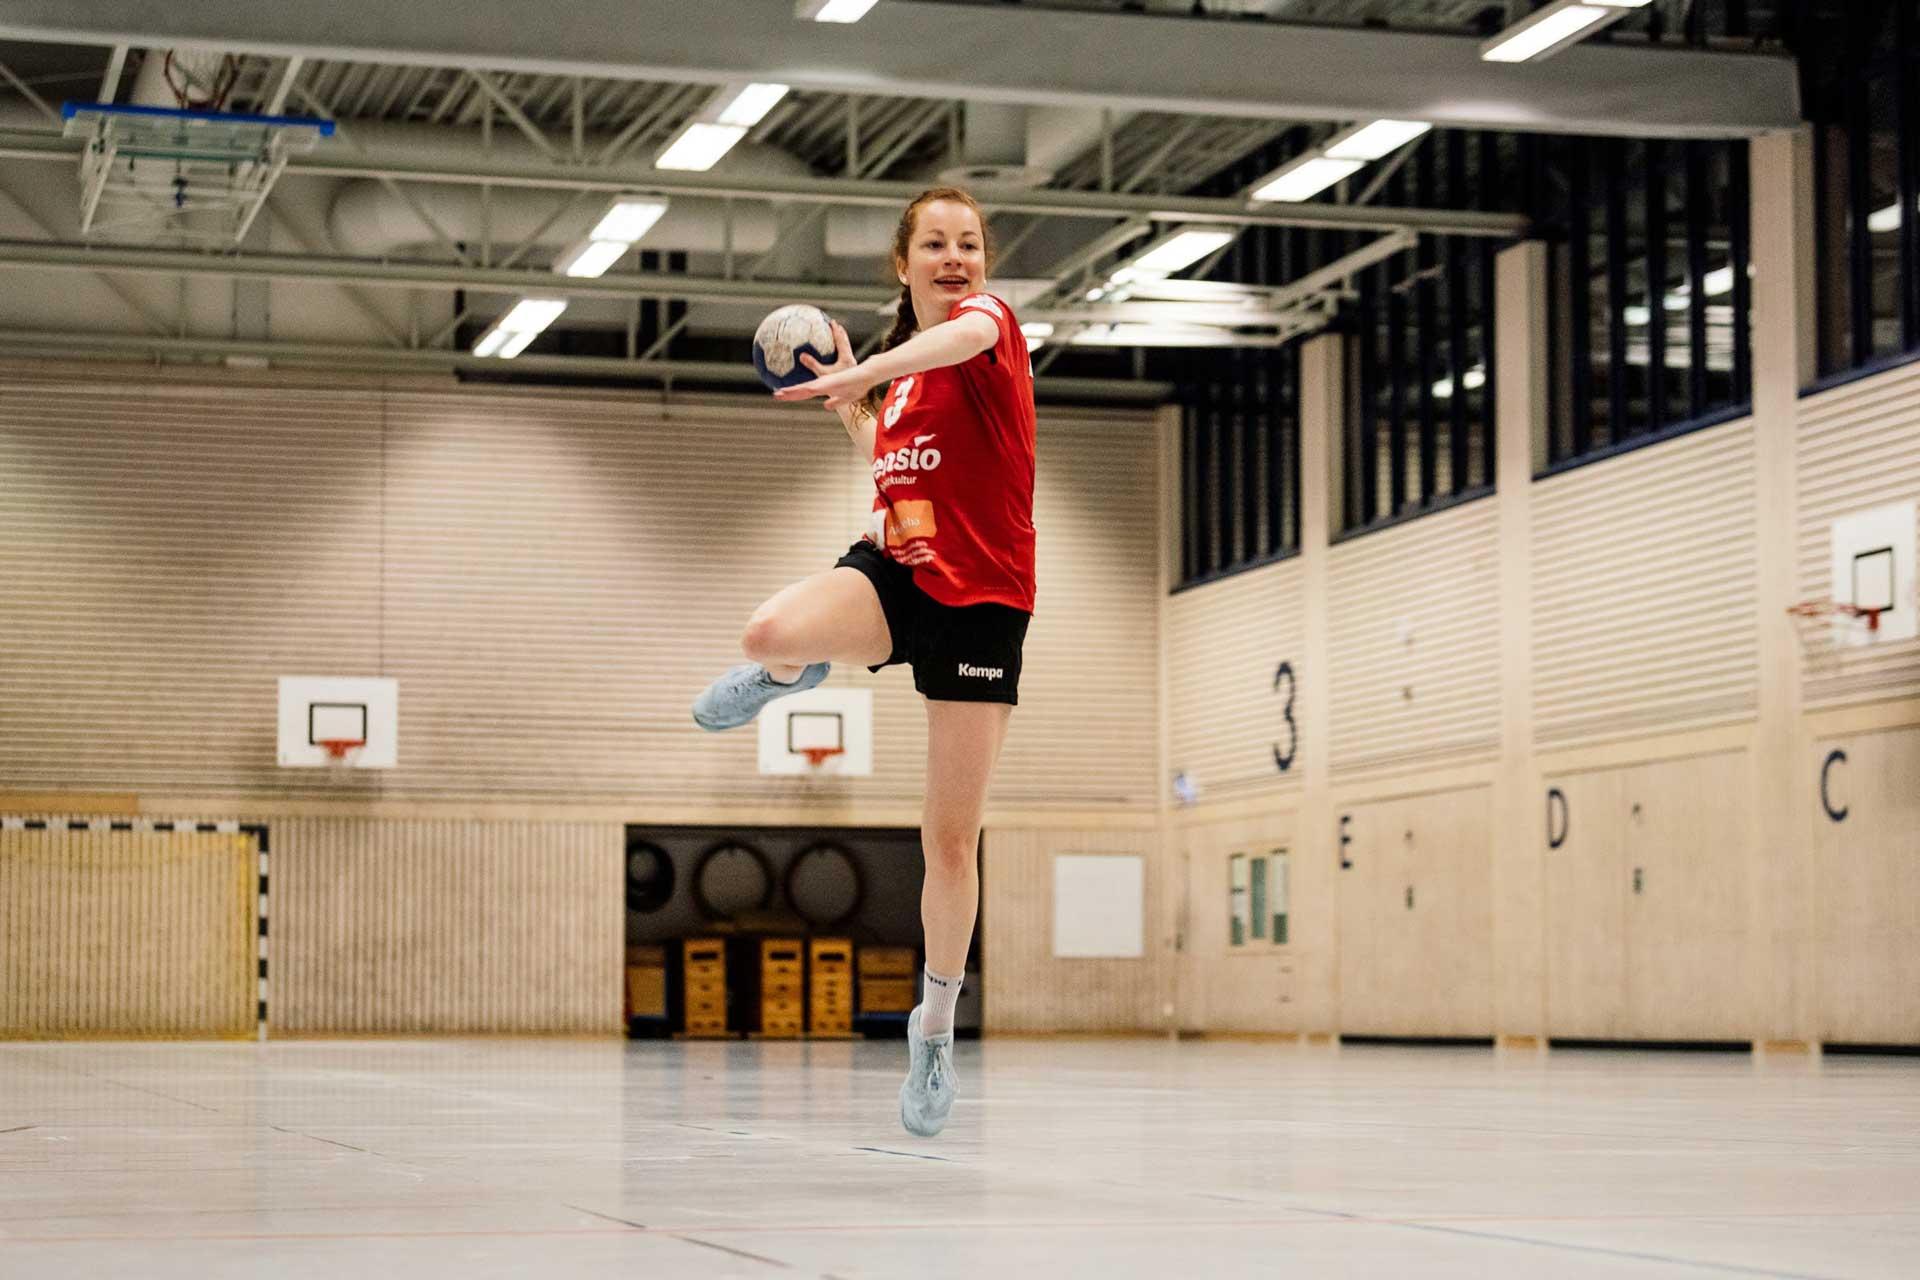 Julia Söhne beim Sprungwurf im Handballtraining